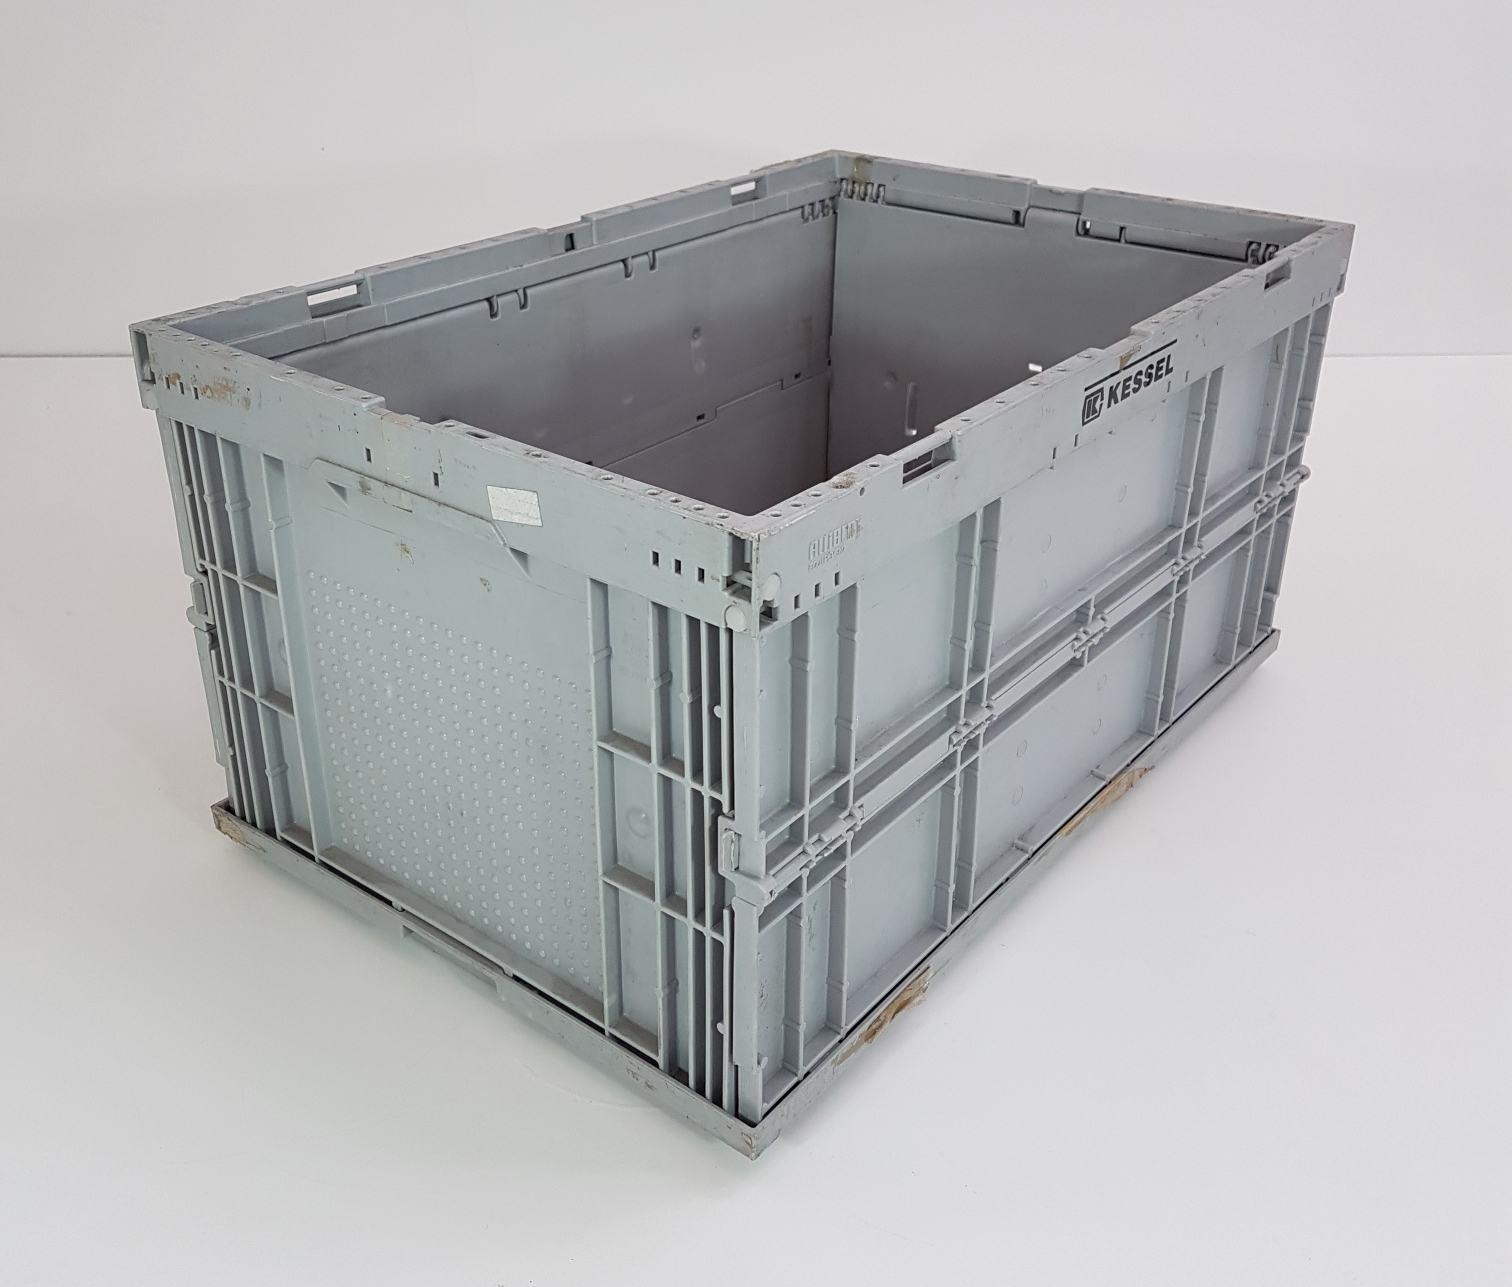 stapelboxen kunststoff neu stapelboxen kunststoff. Black Bedroom Furniture Sets. Home Design Ideas